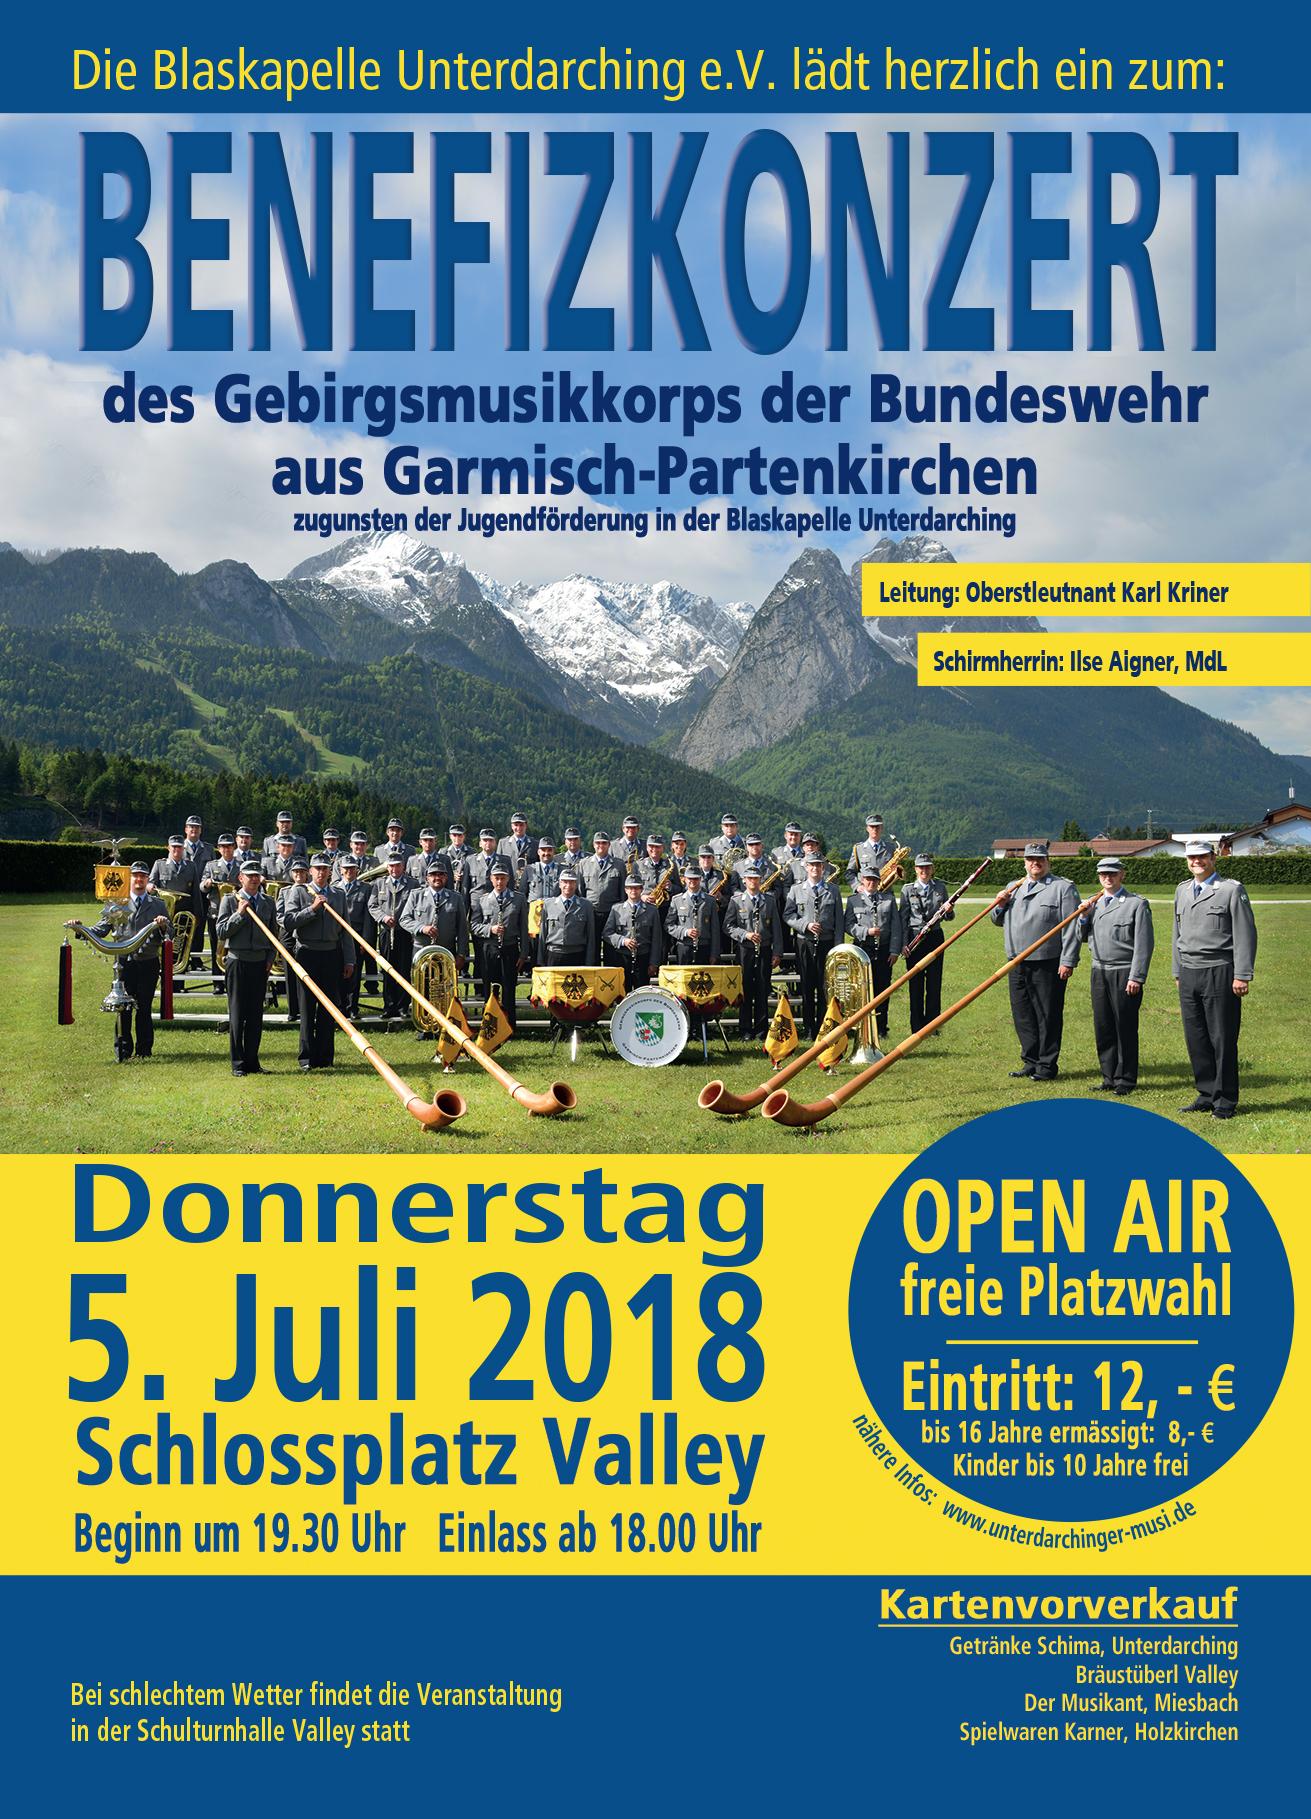 Plakat Gebirgsmusikkorps der Bundeswehr - Benefinzkonzert 2018 in Valley, Blasmusik, OpenAir, Bundeswehr